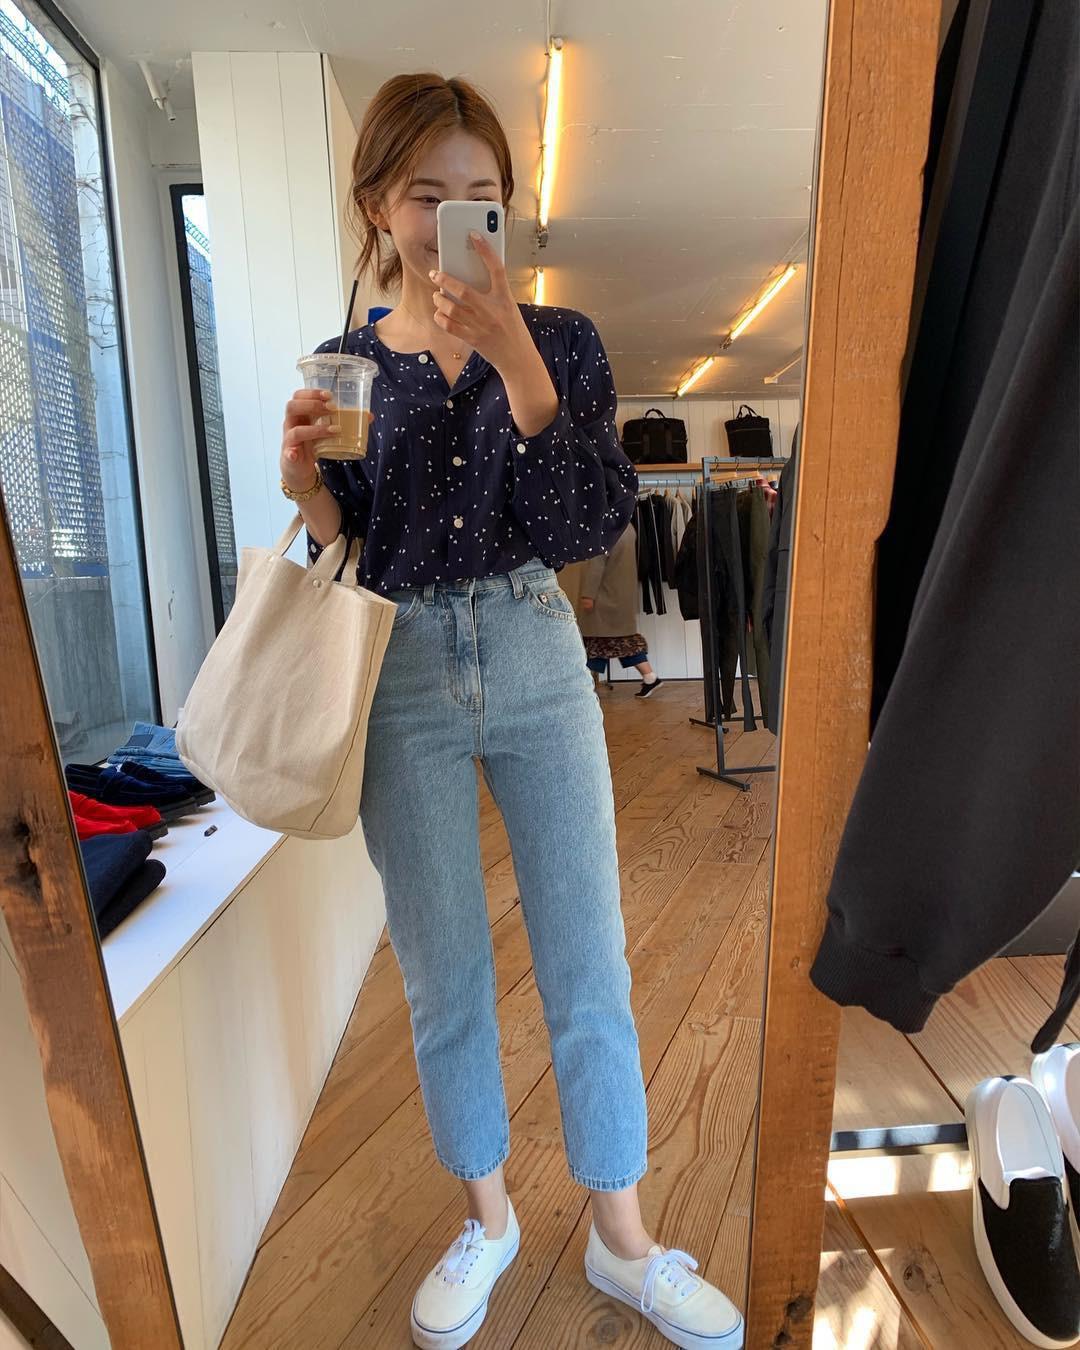 Đếm sơ sơ đã có 6 mẫu áo blouse xinh không để đâu cho hết giúp nàng công sở mặc đẹp suốt hè này - Ảnh 19.